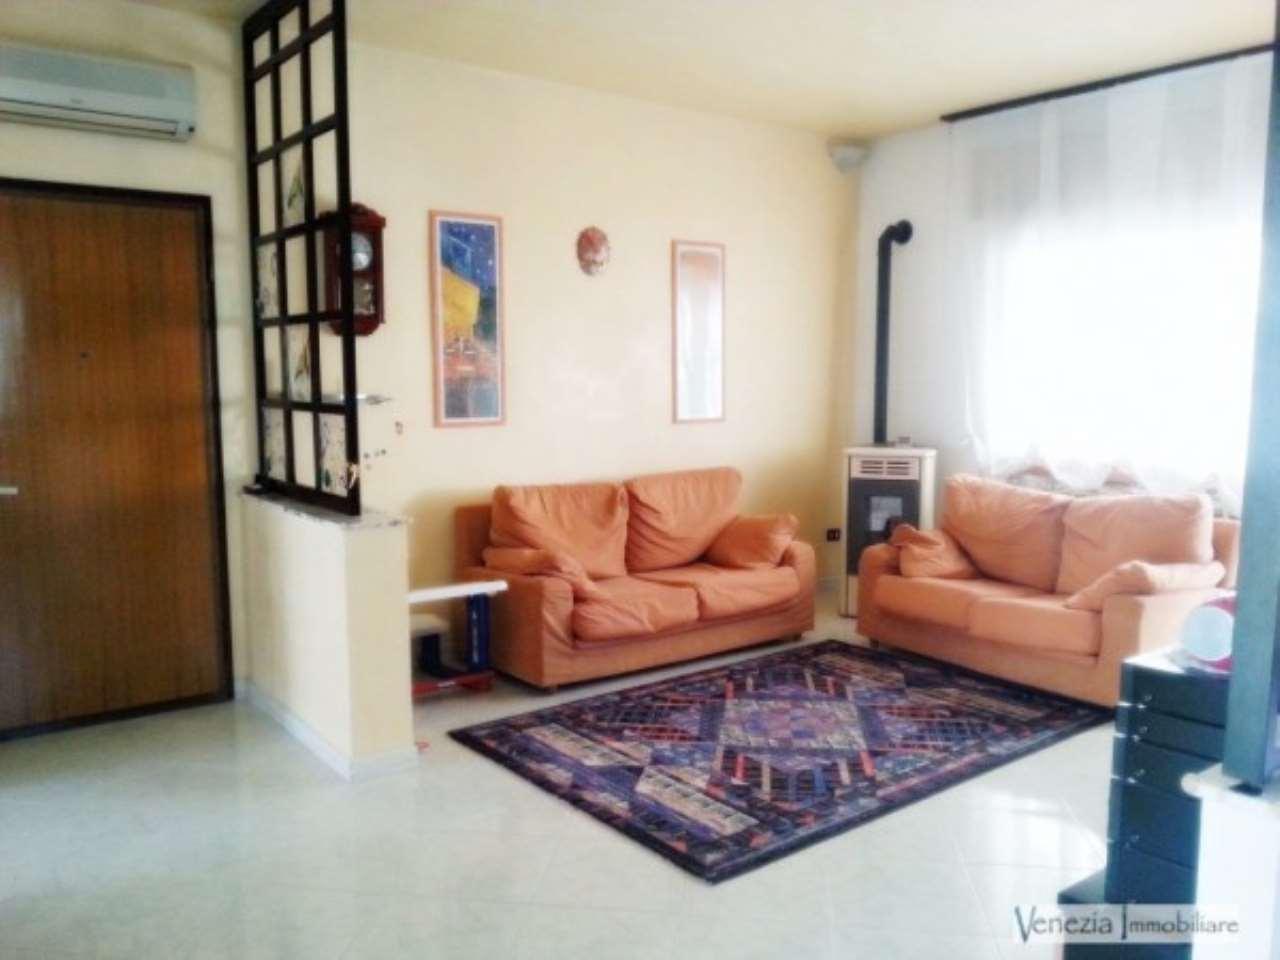 Appartamento in vendita a Chioggia, 4 locali, prezzo € 155.000 | CambioCasa.it